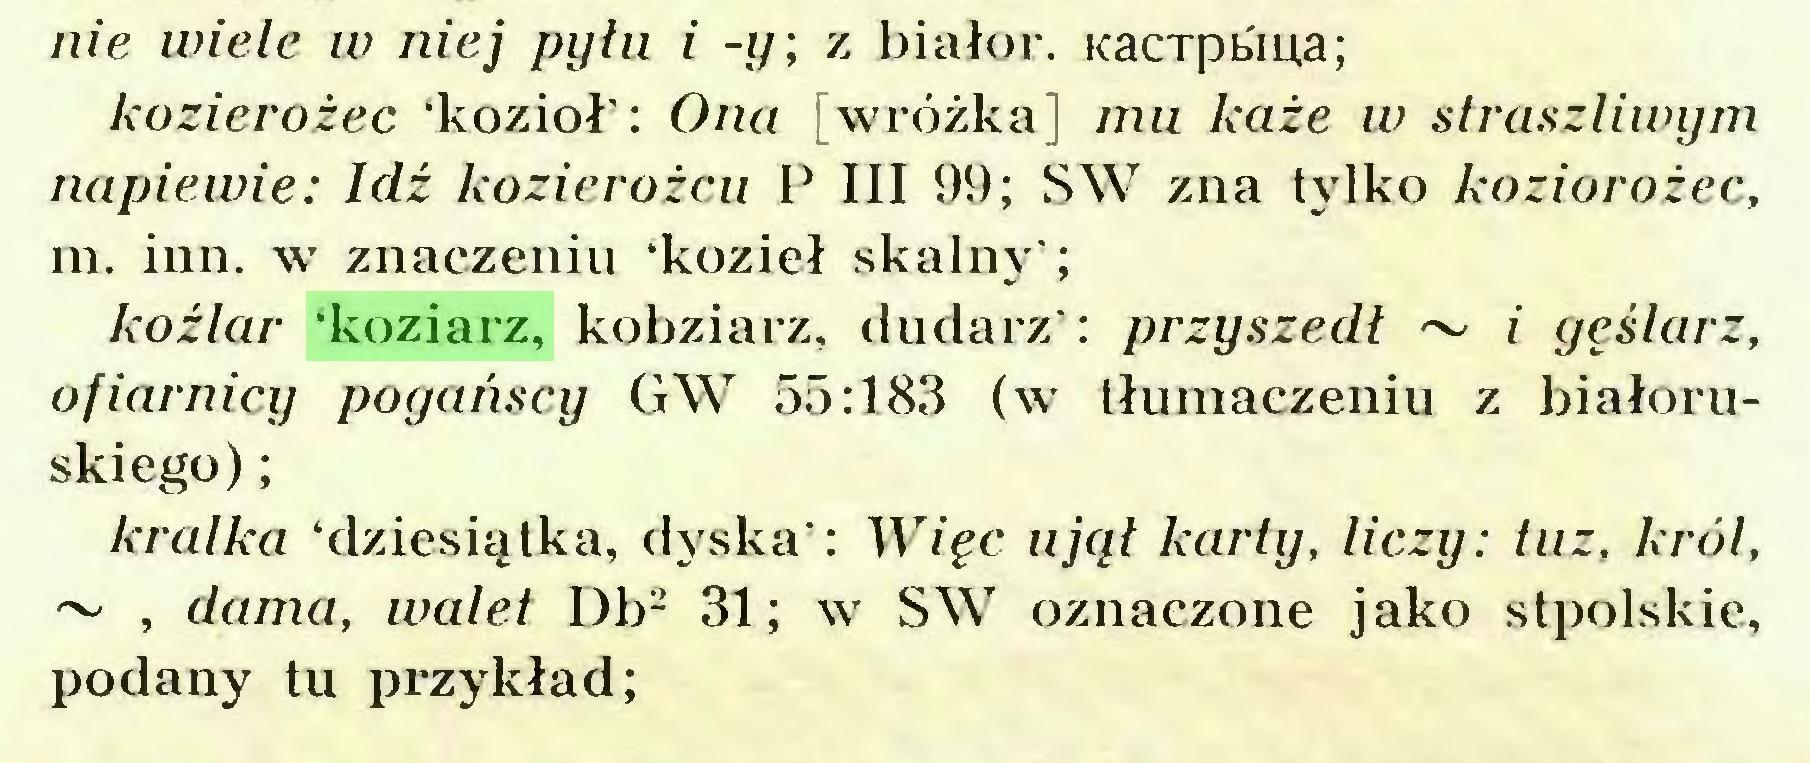 (...) nie wiele w niej pyłu i -y; z białor. Kacrpbiua; kozierożec 'kozioł': Ona [wróżka] mu każe w straszliwym napiewie: Idź kozierożcu P III 99; SW zna tylko koziorożec, m. inn. w znaczeniu 'kozieł skalny'; koźlar 'koziarz, kobziarz, dudarz': przyszedł ~ i gęślarz, ofiarnicy pogańscy GW 55:183 (w tłumaczeniu z białoruskiego) ; kralkci 'dziesiątka, dyska': Więc ujął karty, liczy: tuz, król, ~ , dama, walet Db2 31; w SW oznaczone jako stpolskie, podany tu przykład;...